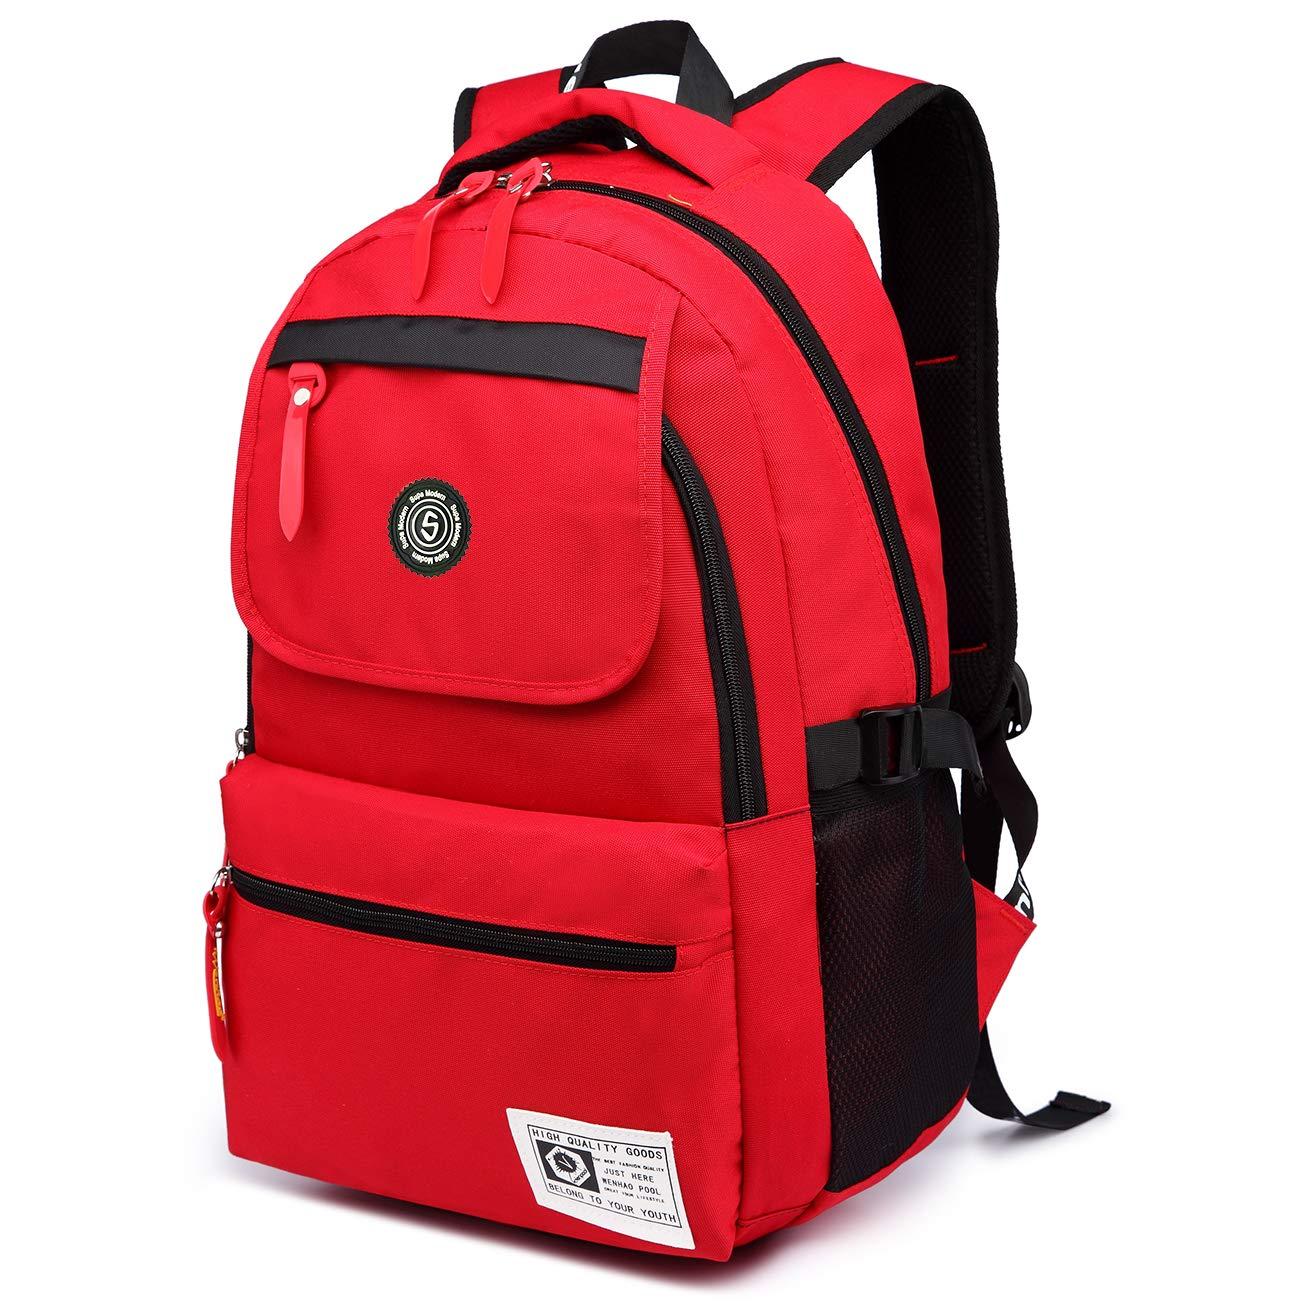 SUPA MODERN® Unisex Nylon School Bags Waterproof Hiking Backpack Cool Sports Backpack Laptop Rucksack School Backpack Others